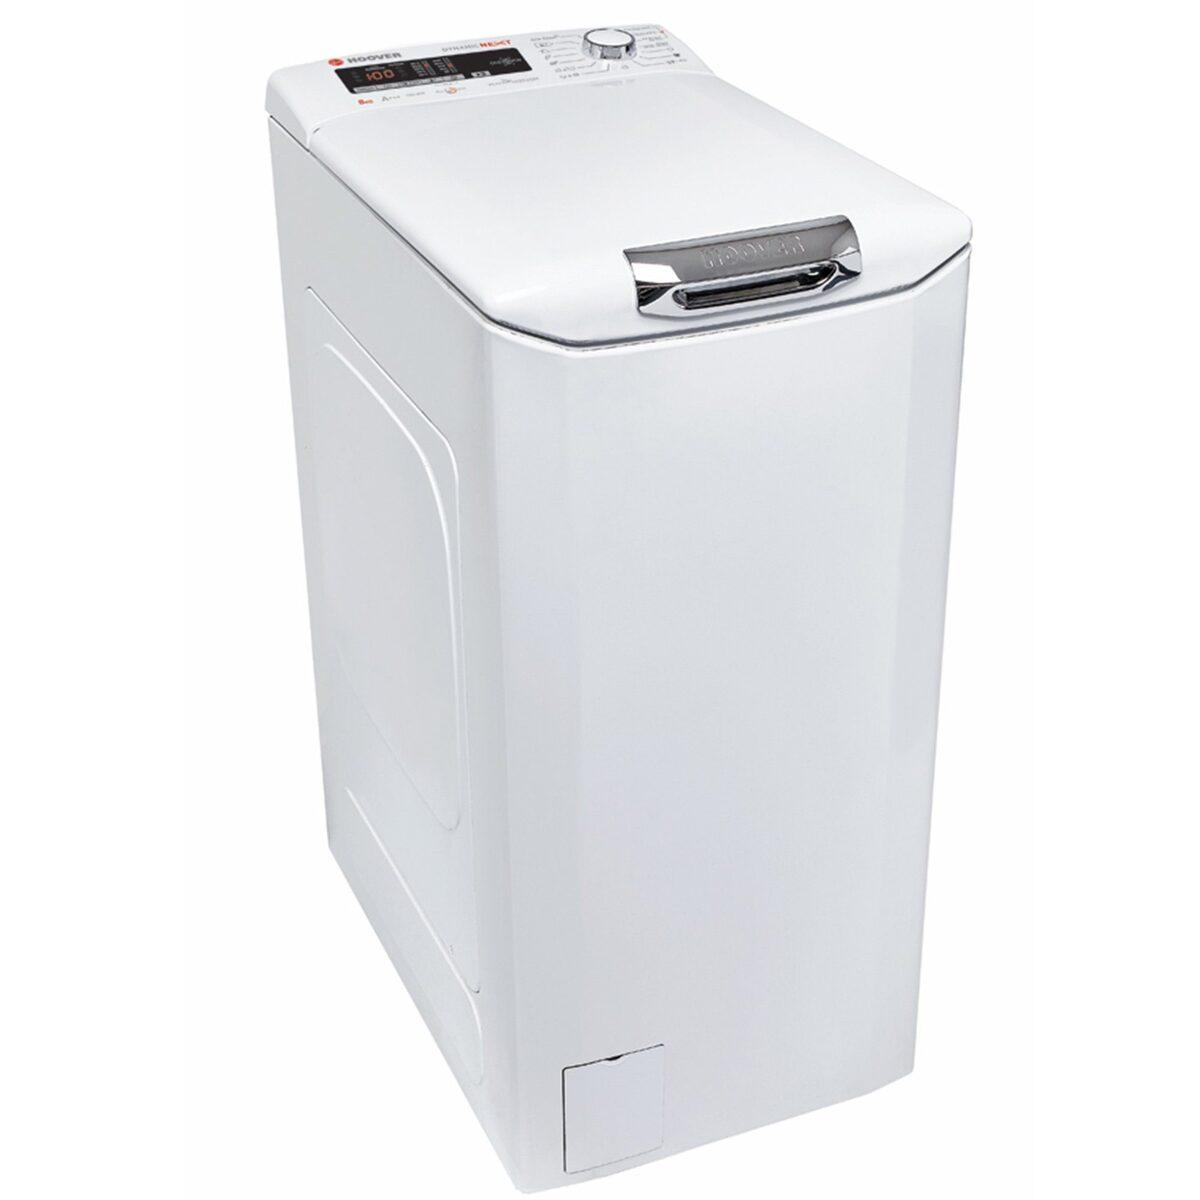 Bild 1 von Hoover Waschmaschine Toplader HNOT S382DA-S, 8 kg, 1200 U/Min, A+++ SlowMotion-Öffnungsmechanismus 8kg